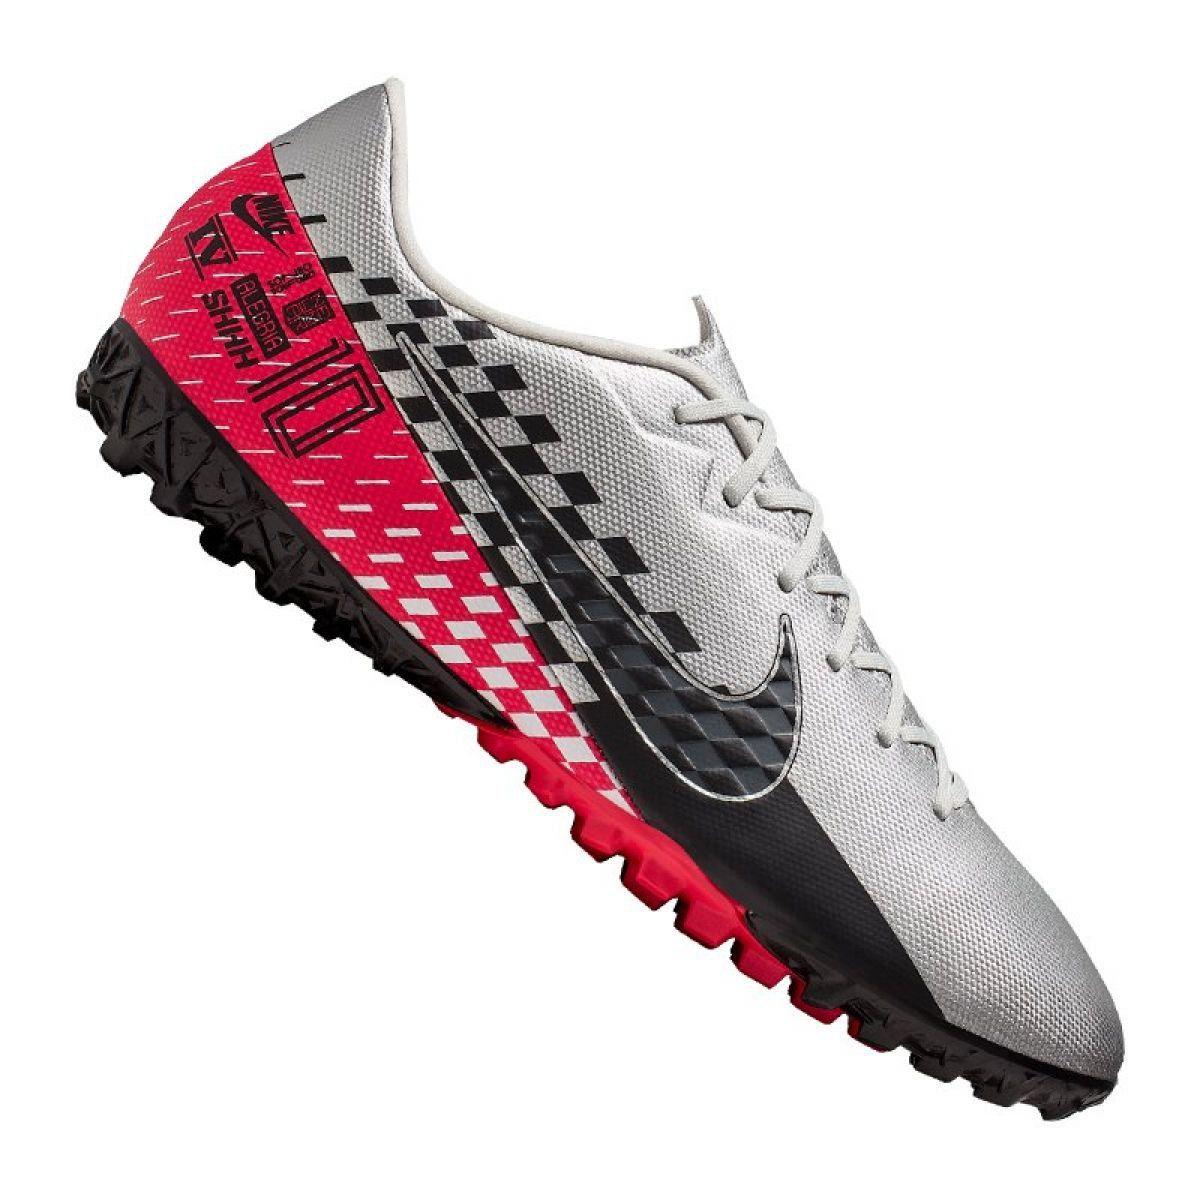 Buty Nike Vapor 13 Academy Njr M At7995 006 Wielokolorowe Wielokolorowe Nike Nike Vapor Shoes